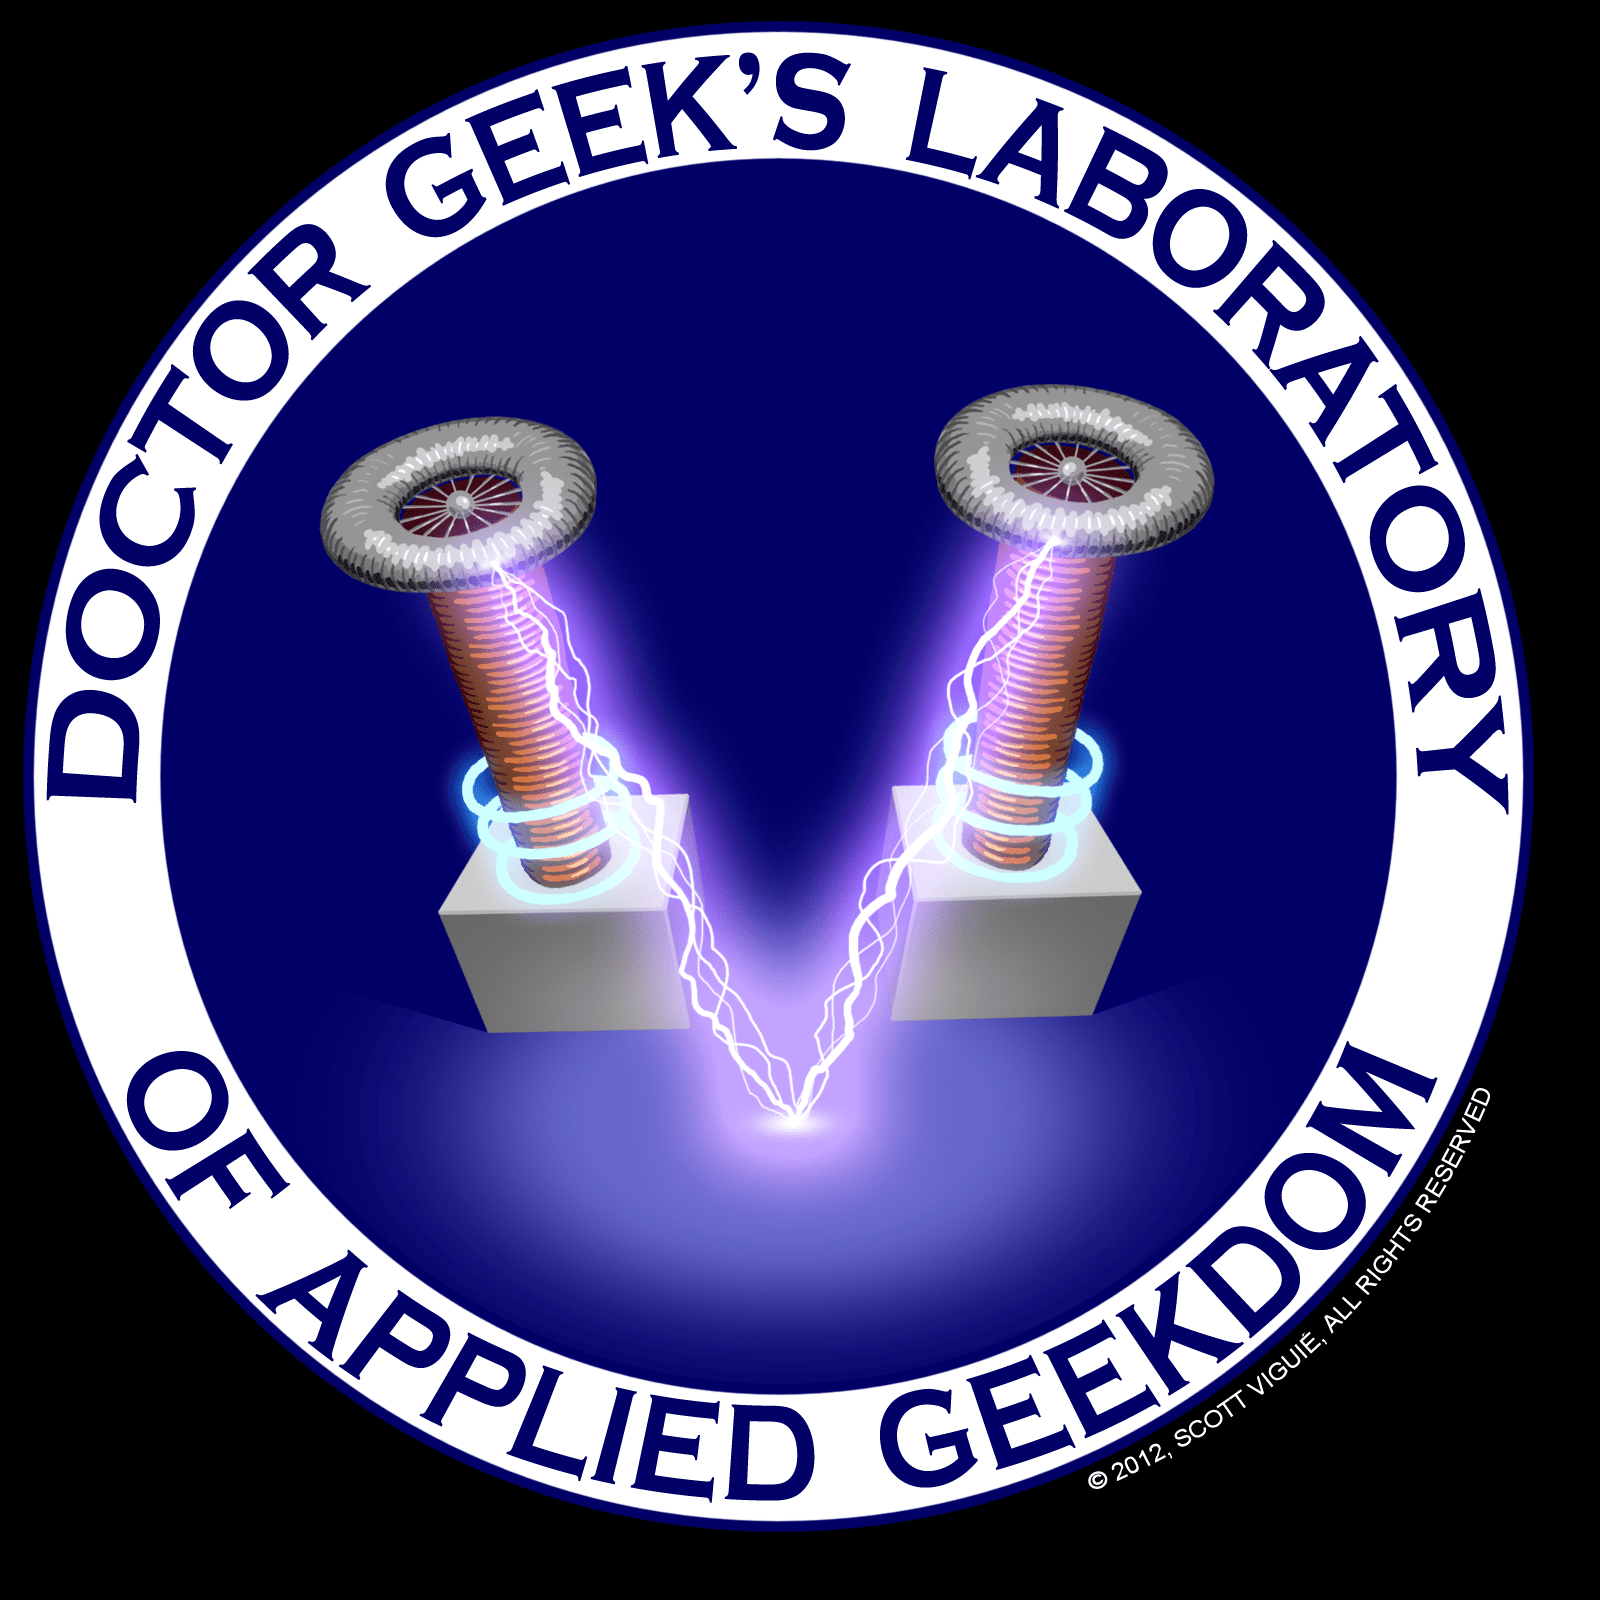 Doctor Geeks Lab